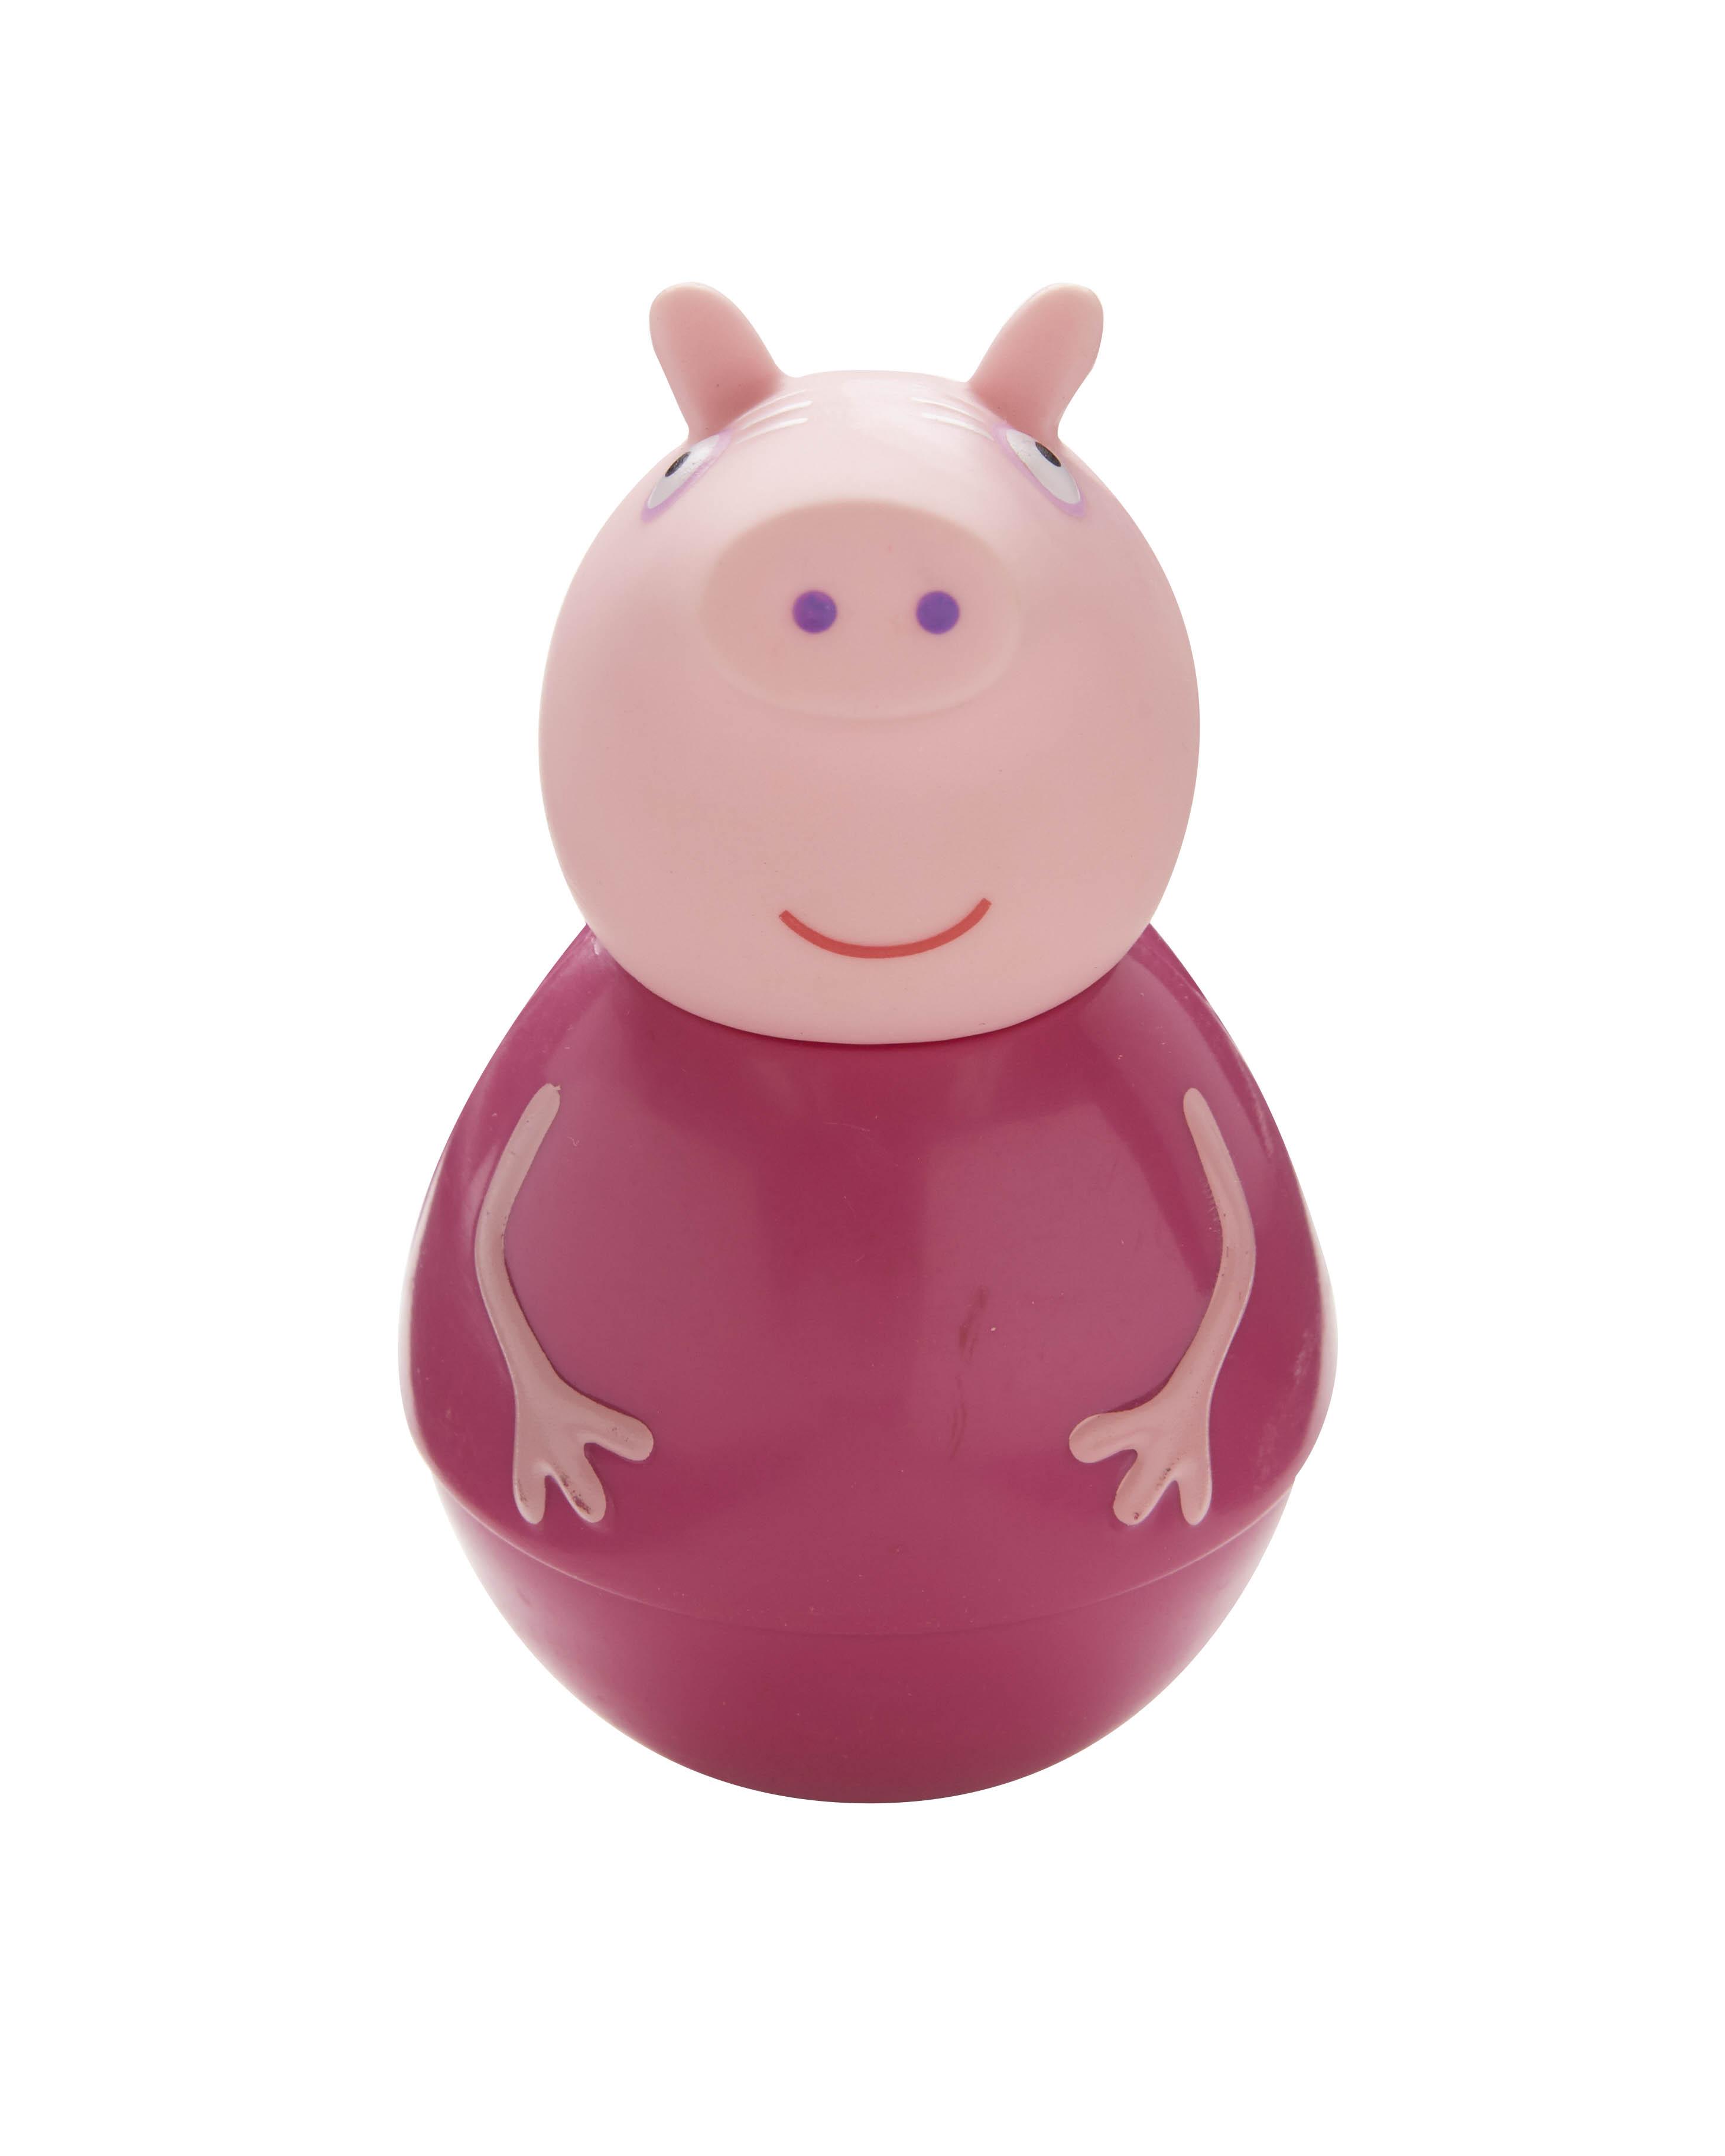 Фигурка-неваляшка Weebles «Бабушка Пеппы» тм Peppa PigСвинка Пеппа Peppa Pig<br>Фигурка-неваляшка Weebles «Бабушка Пеппы» тм Peppa Pig<br>